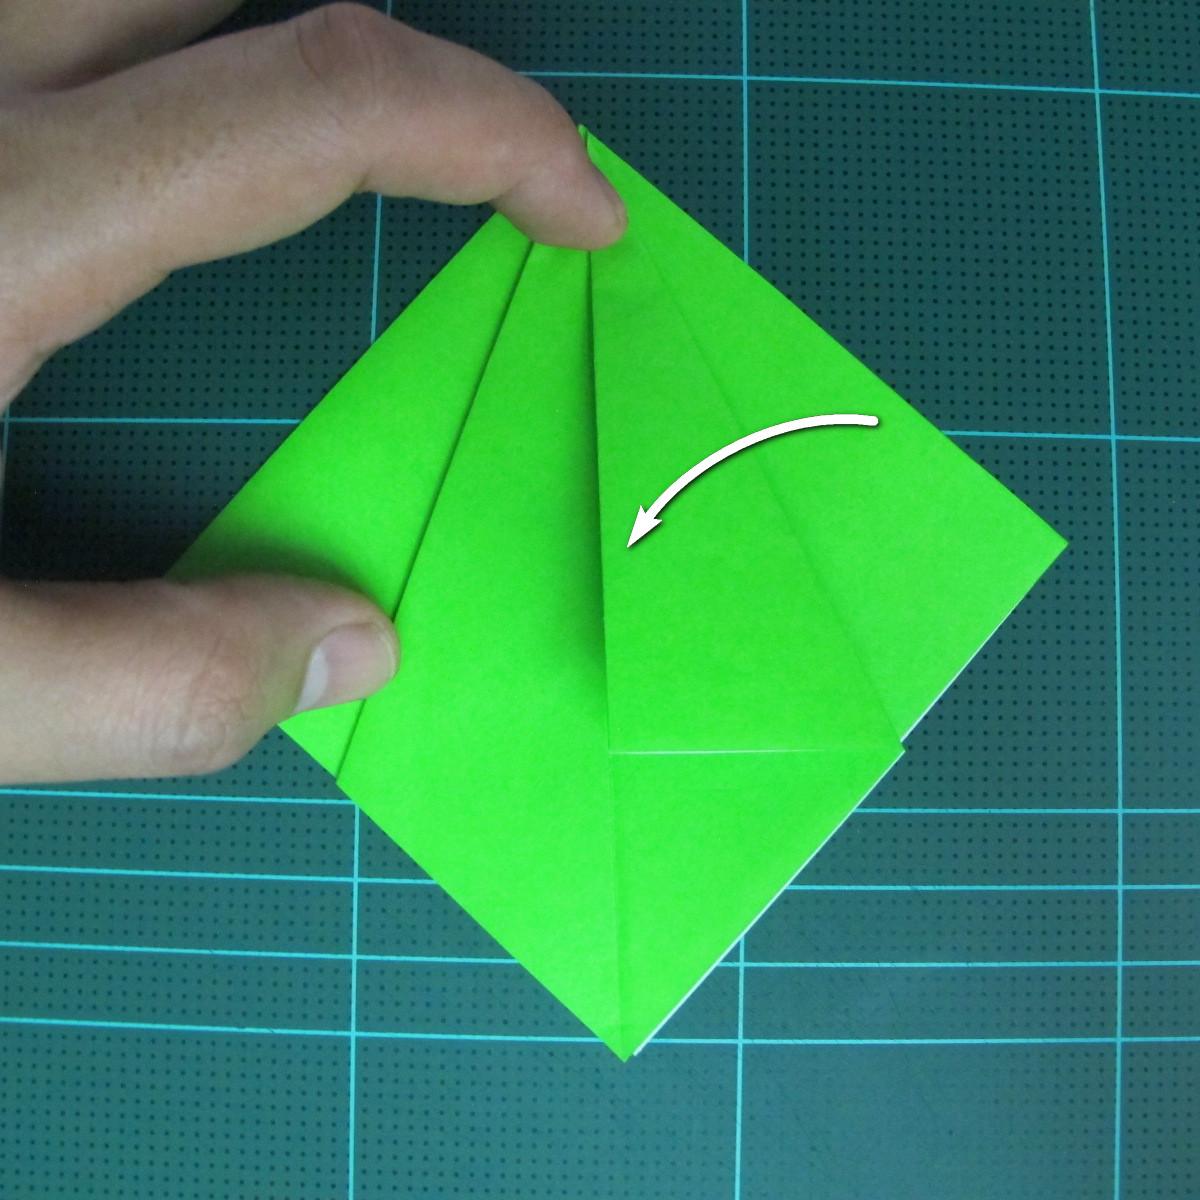 วิธีพับกระดาษเป็นจรวด X-WING สตาร์วอร์ (Origami X-WING) 011